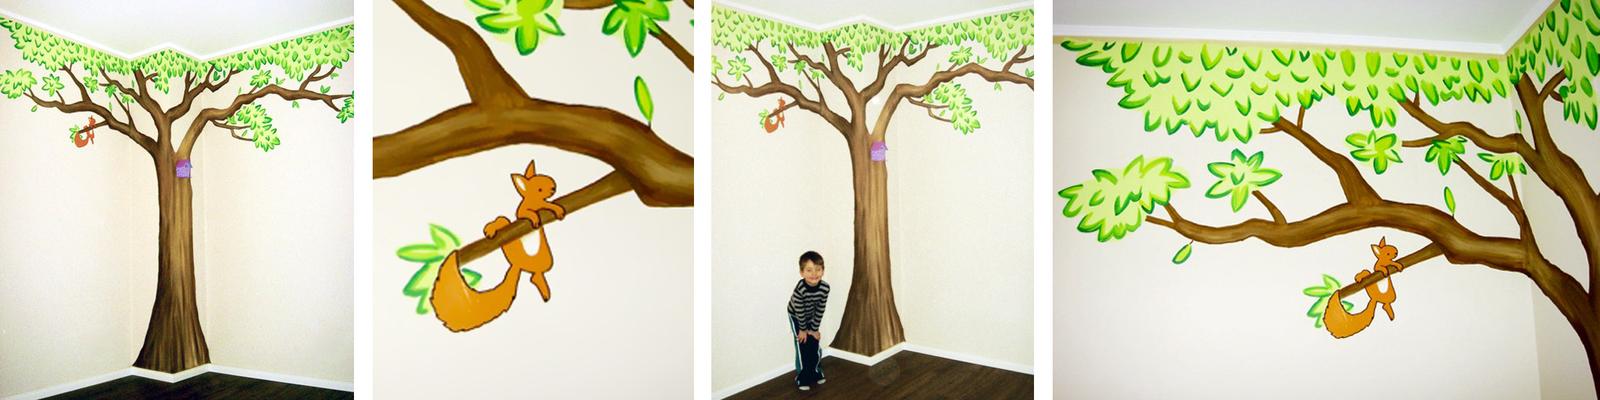 Kinderzimmer wandbemalung vorlagen  Sweetwall - Wunschmotive für Deine Wand. Wandmalerei für ...